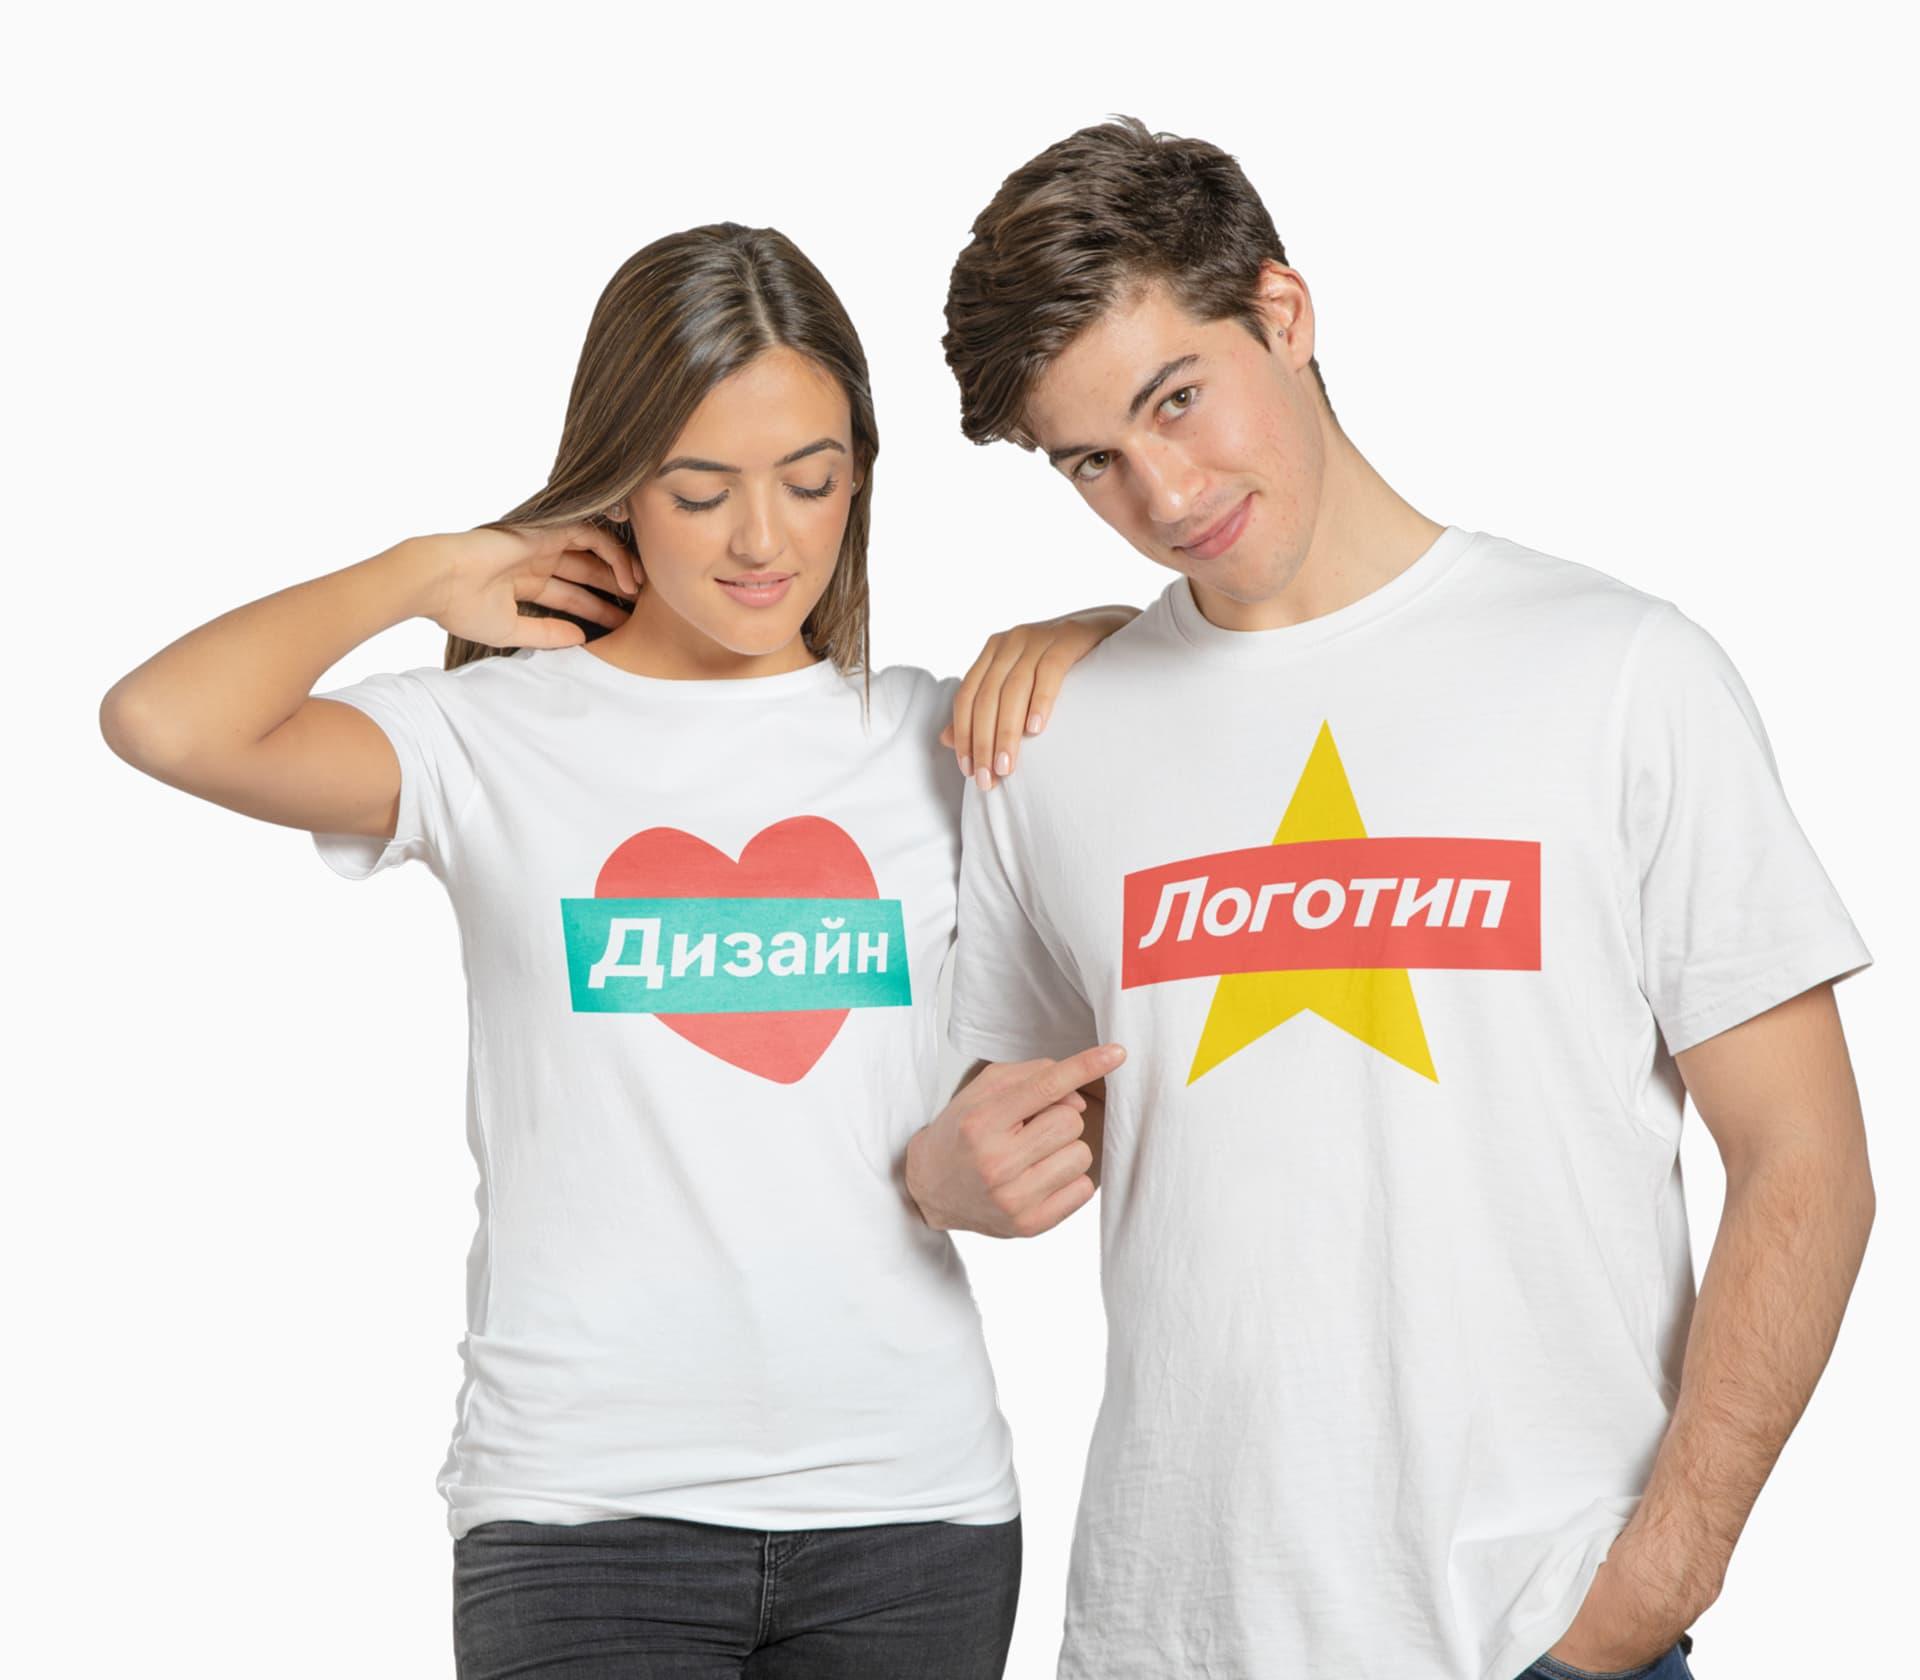 Ваш логотип и фирменный стиль на одежде